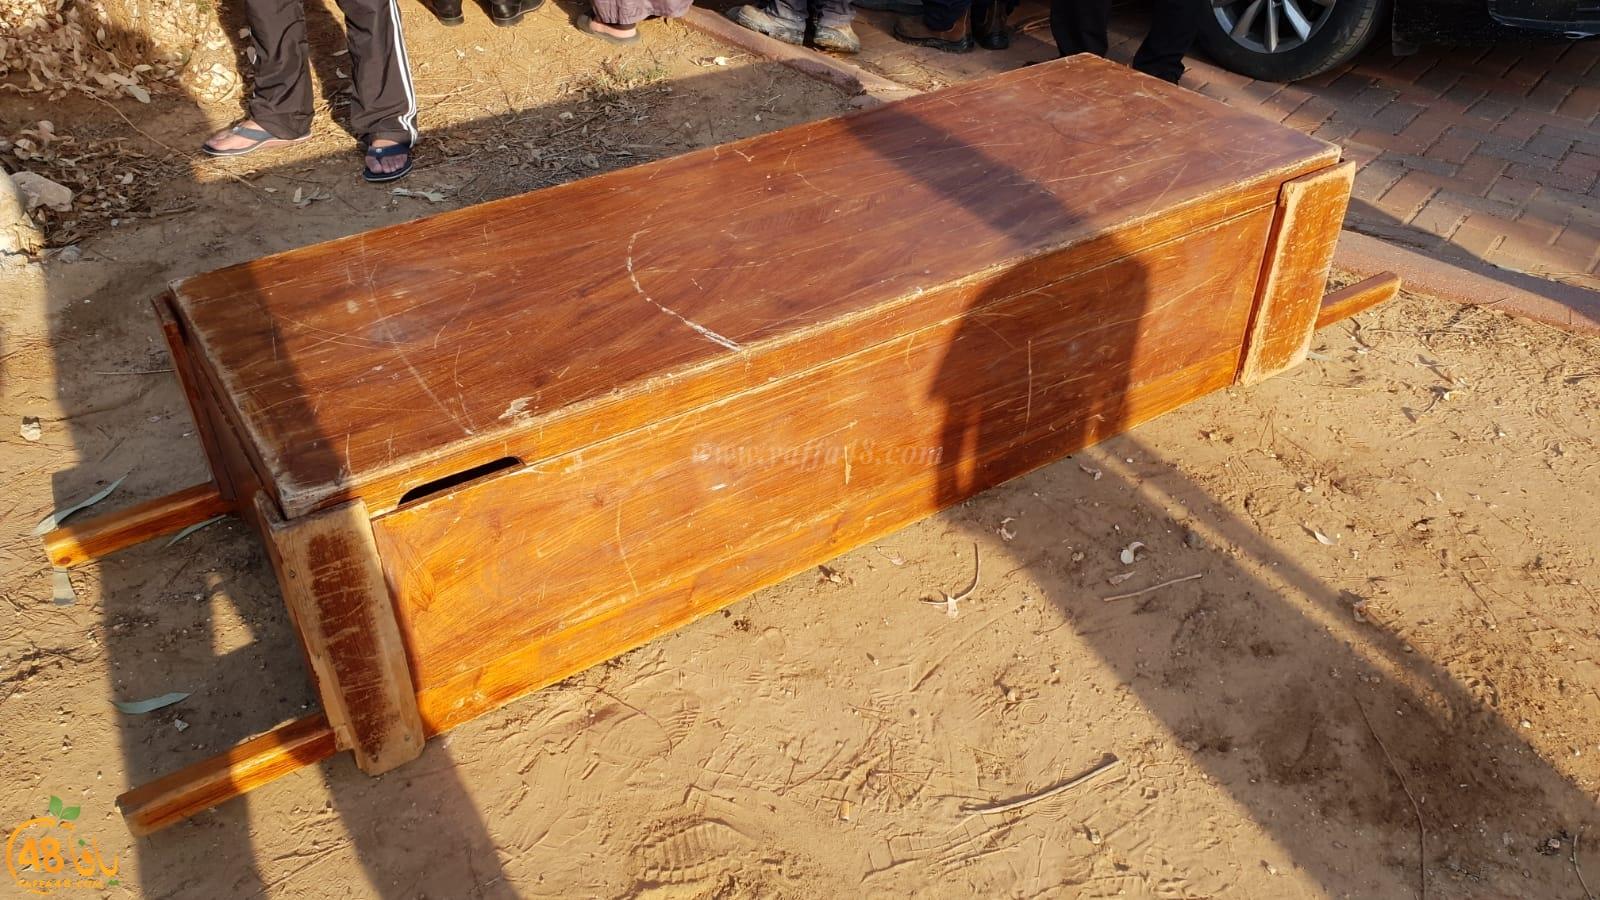 بالفيديو: جموع غفيرة تشارك في تشييع جثمان السيد سامي نصاصرة في اللد